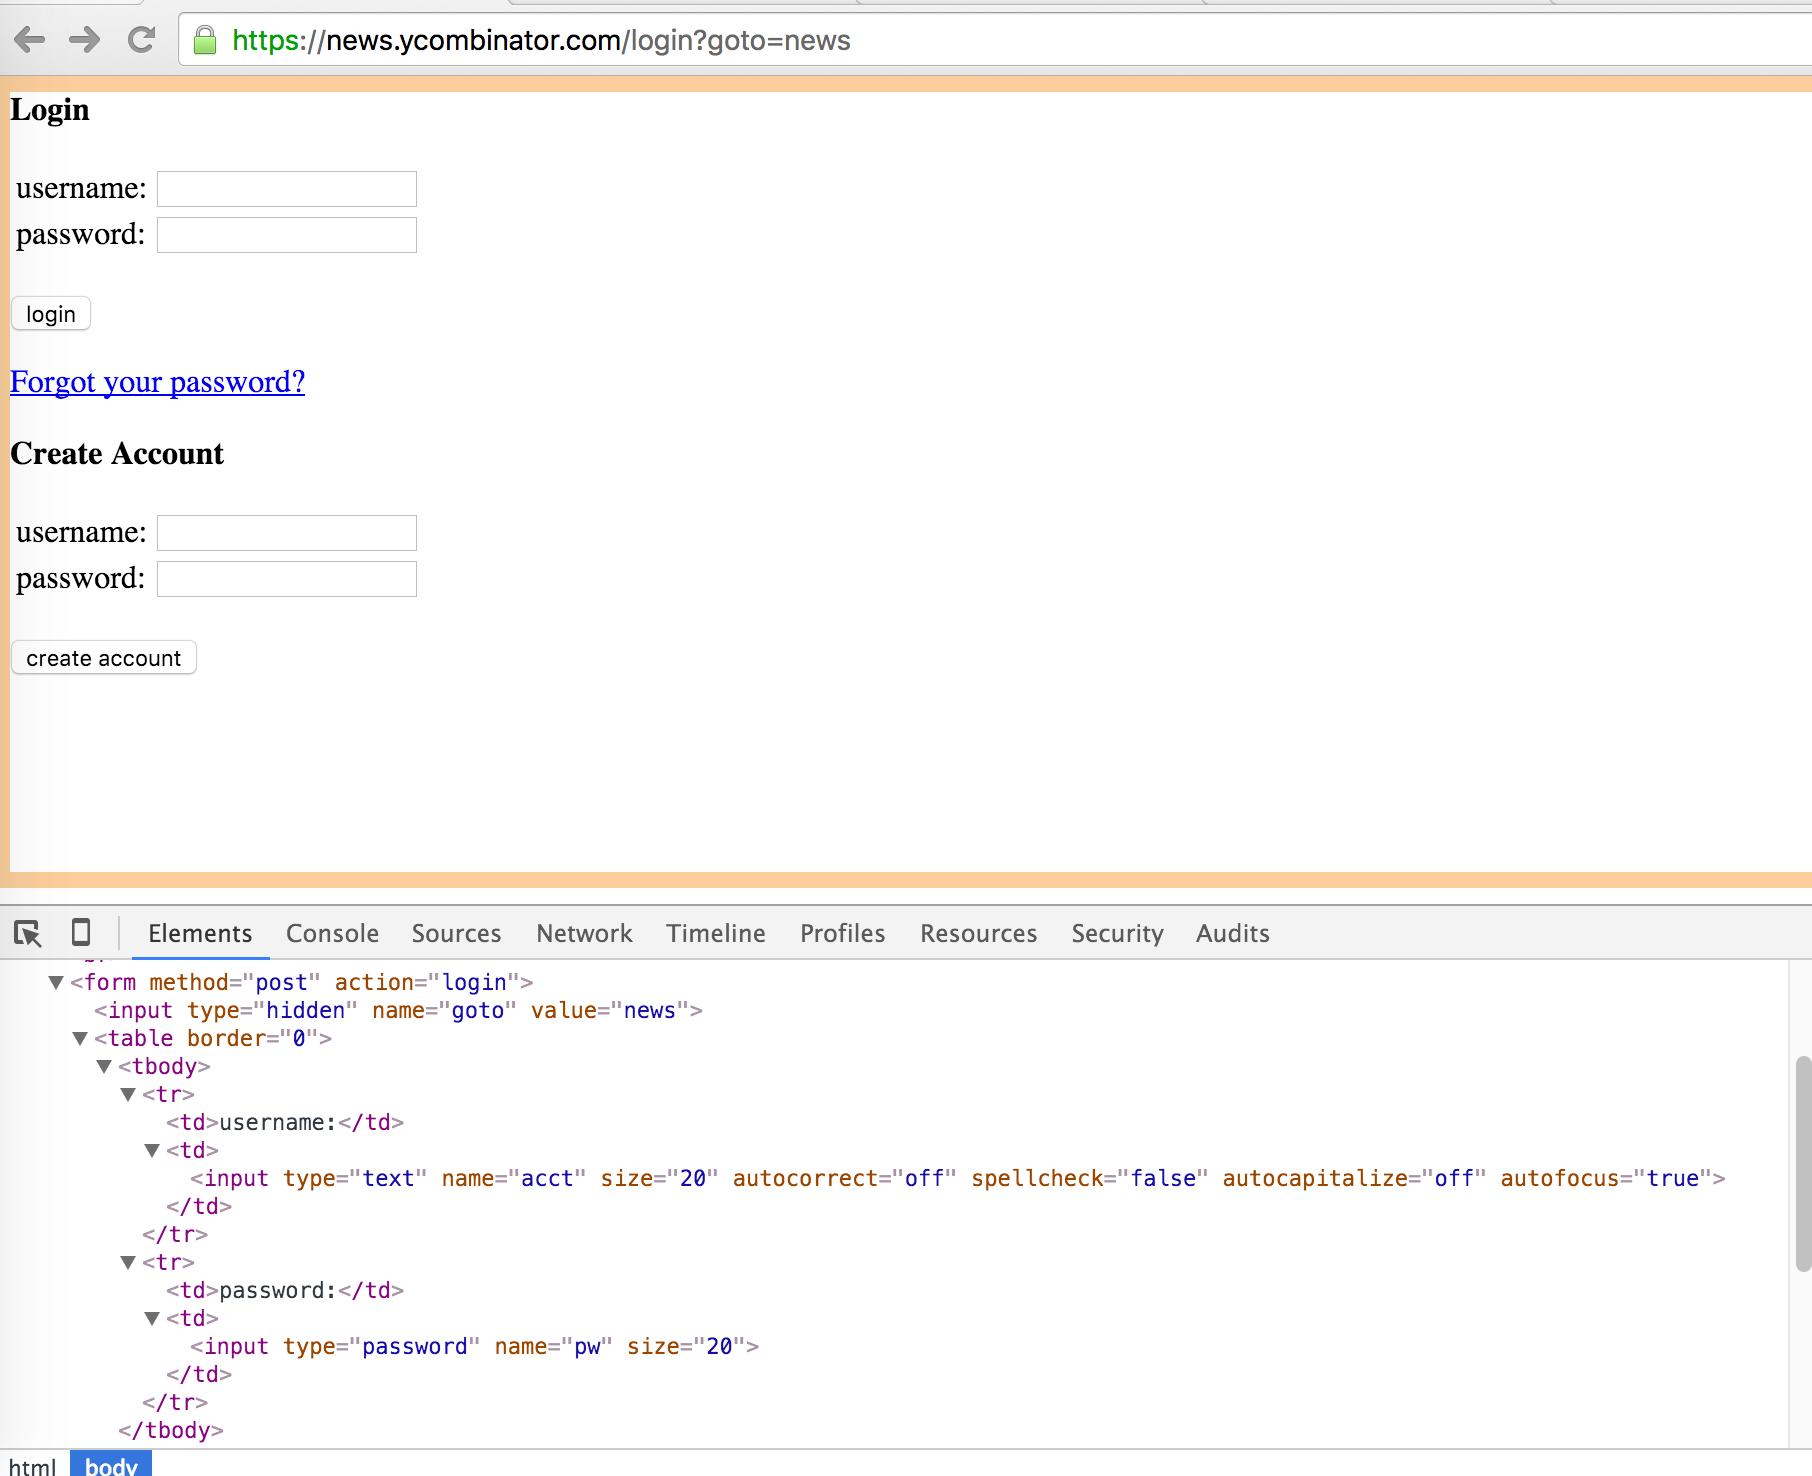 Screenshot of Hacker News login form